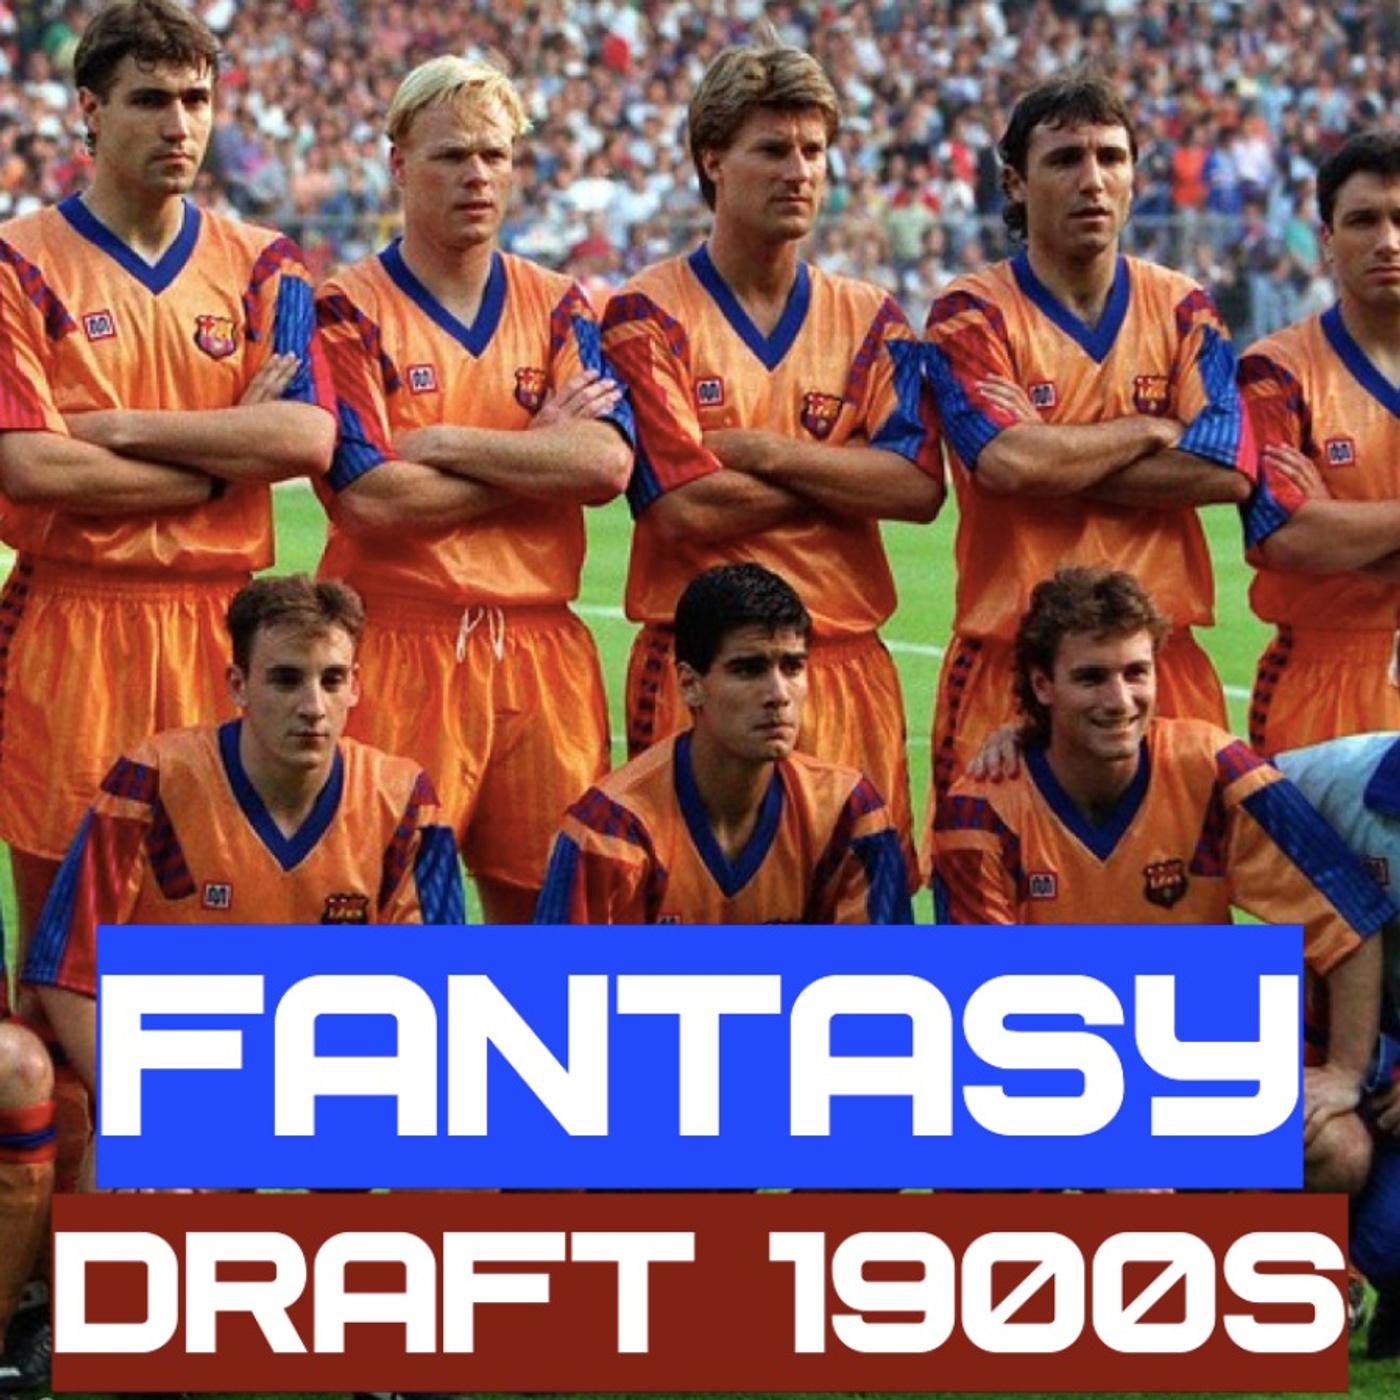 Barcelona Fantasy Draft 1900s, ft. Cruyff, Maradona, Rivaldo